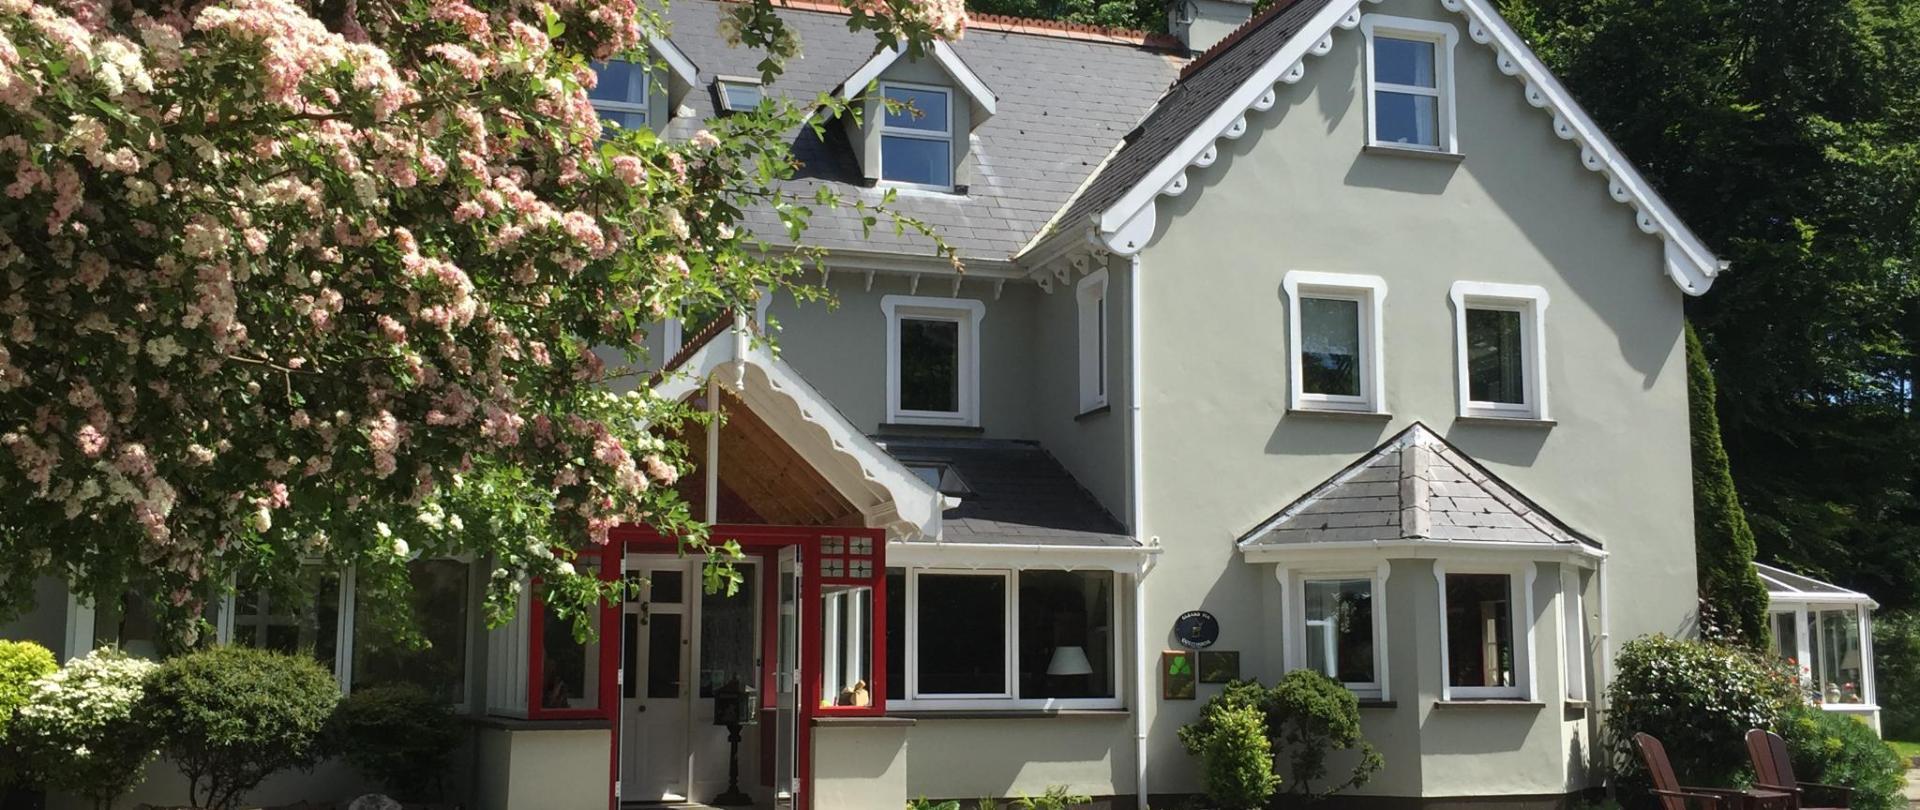 Gleann Fia Country House